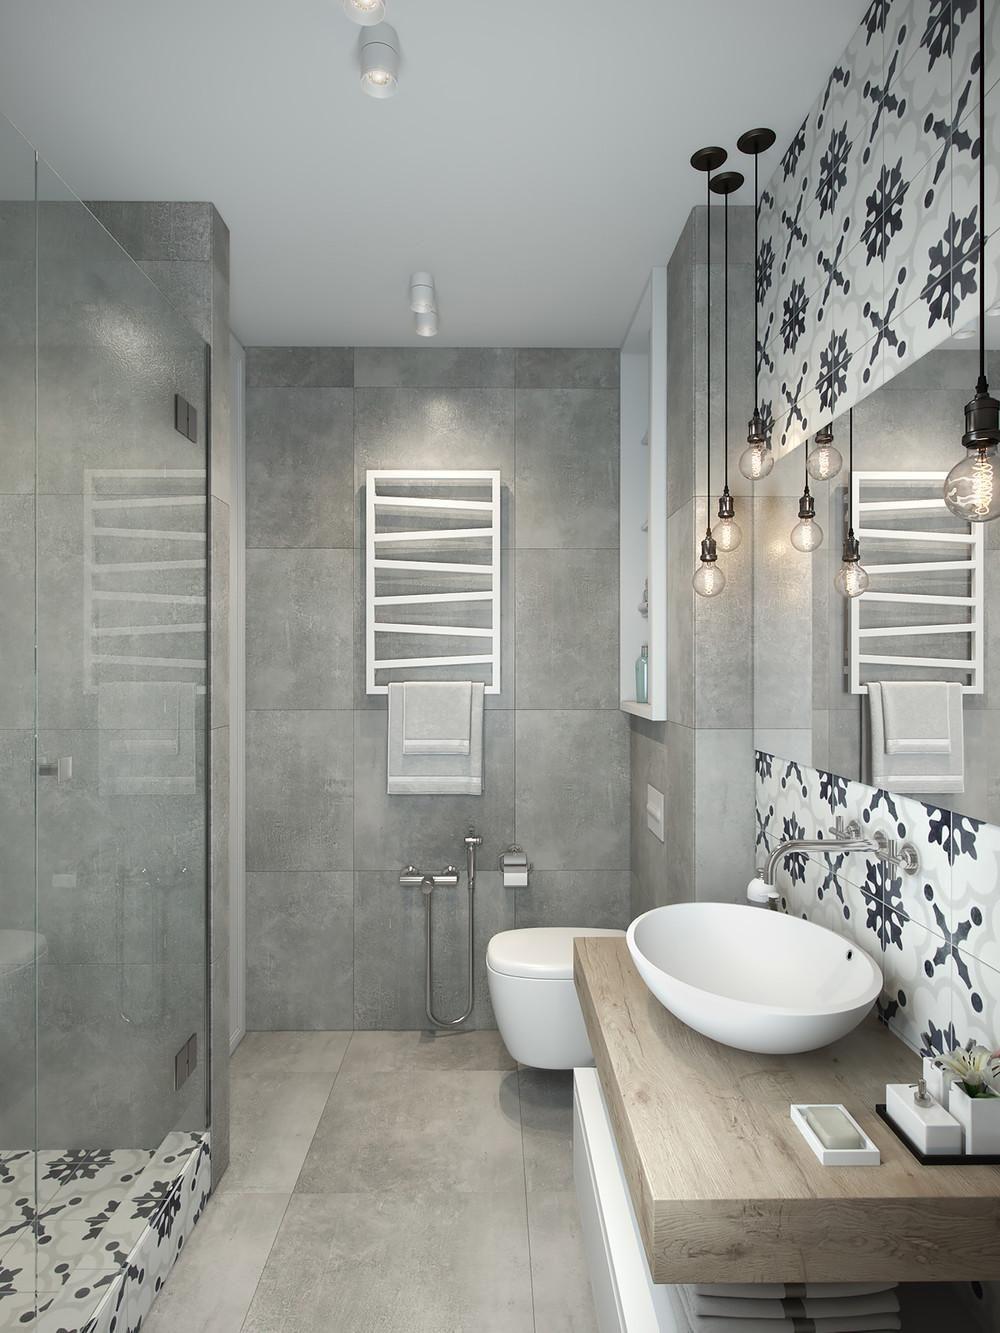 Interior Design Haus 2018 Kleine Wohnung Dekor - Mode-Designs ...